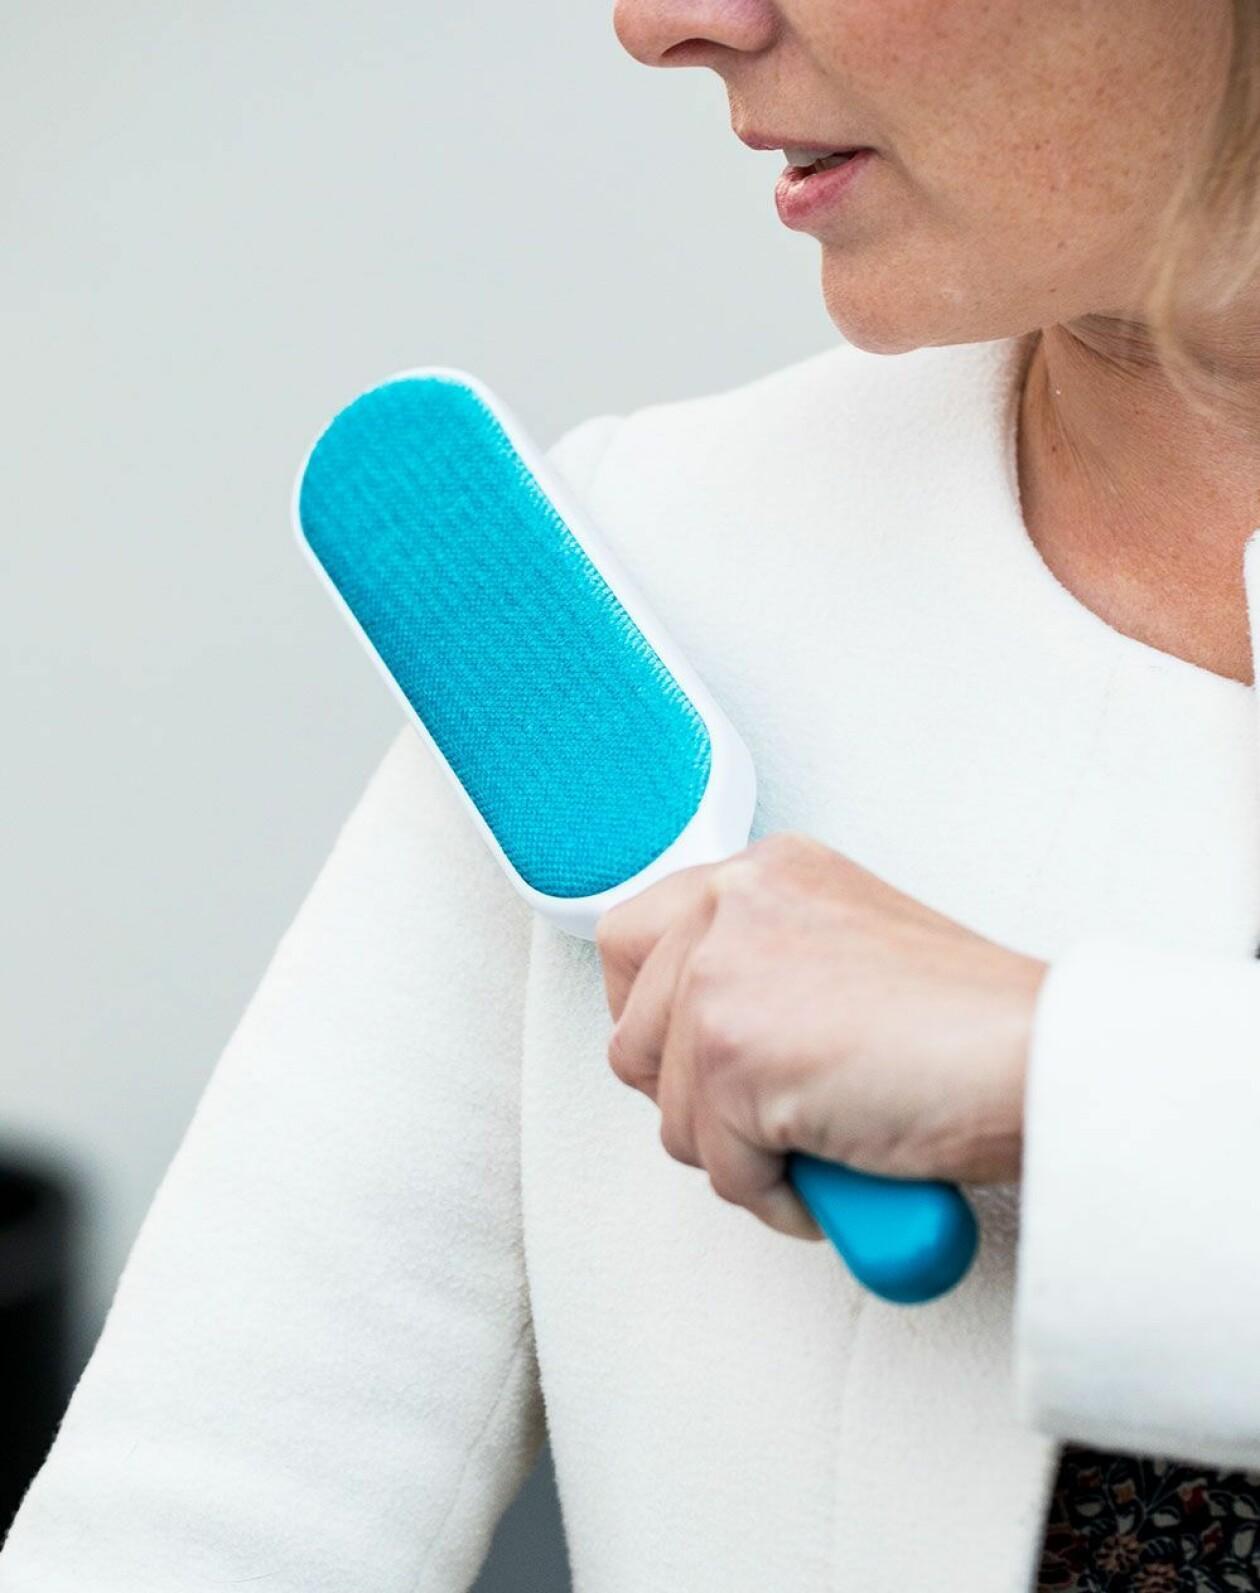 Kvinna använder luddborste.